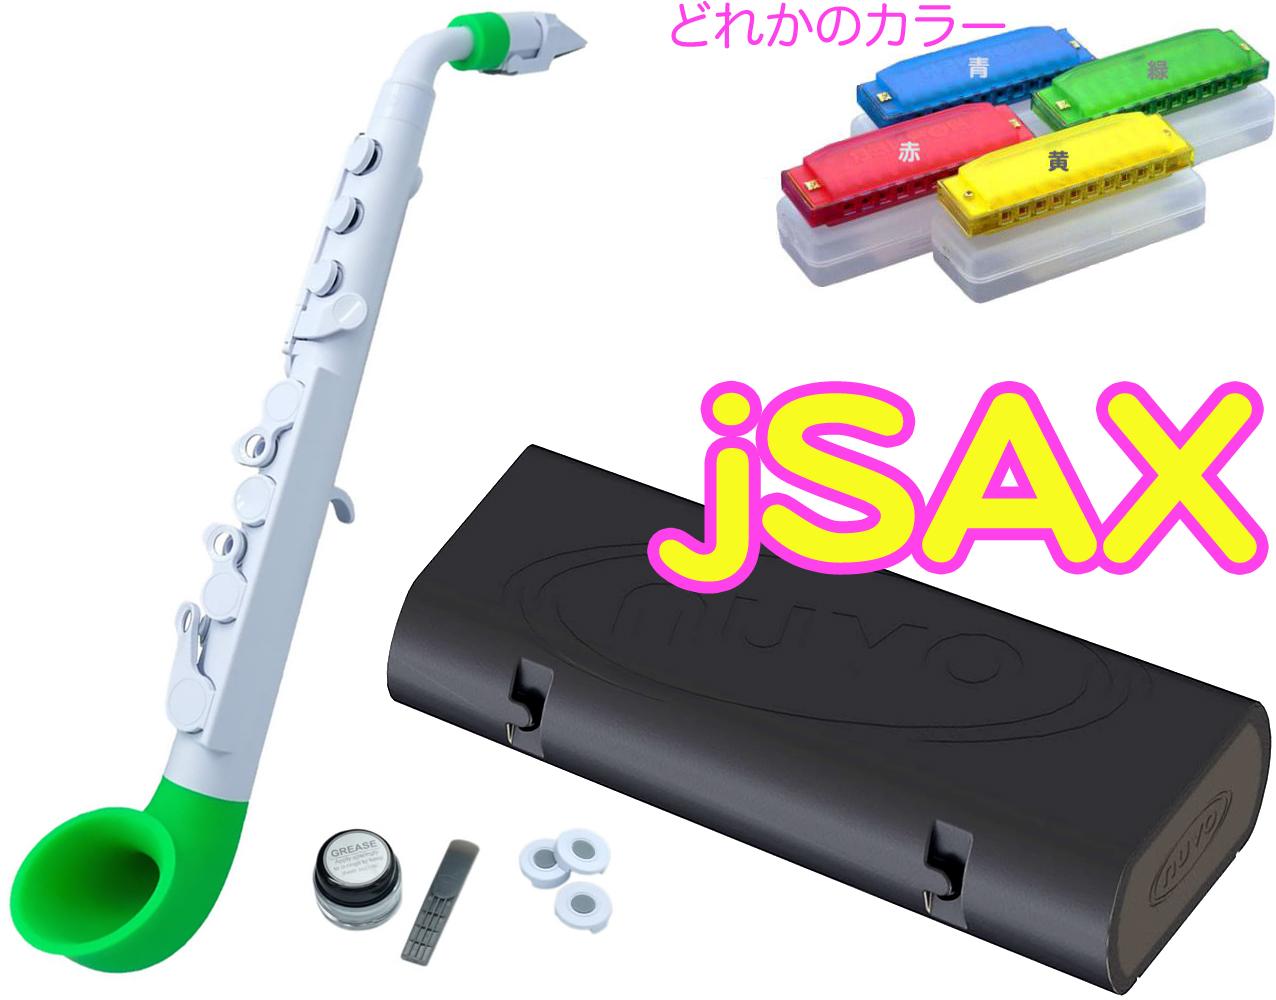 リード楽器 WH/GN 【 グリーン jSAX 緑色 白色 ) セット N510JWGN Green 本体 A】 jサックス 管楽器 ヌーボ ( NUVO サックス系 サクソフォン ホワイト プラスチック製